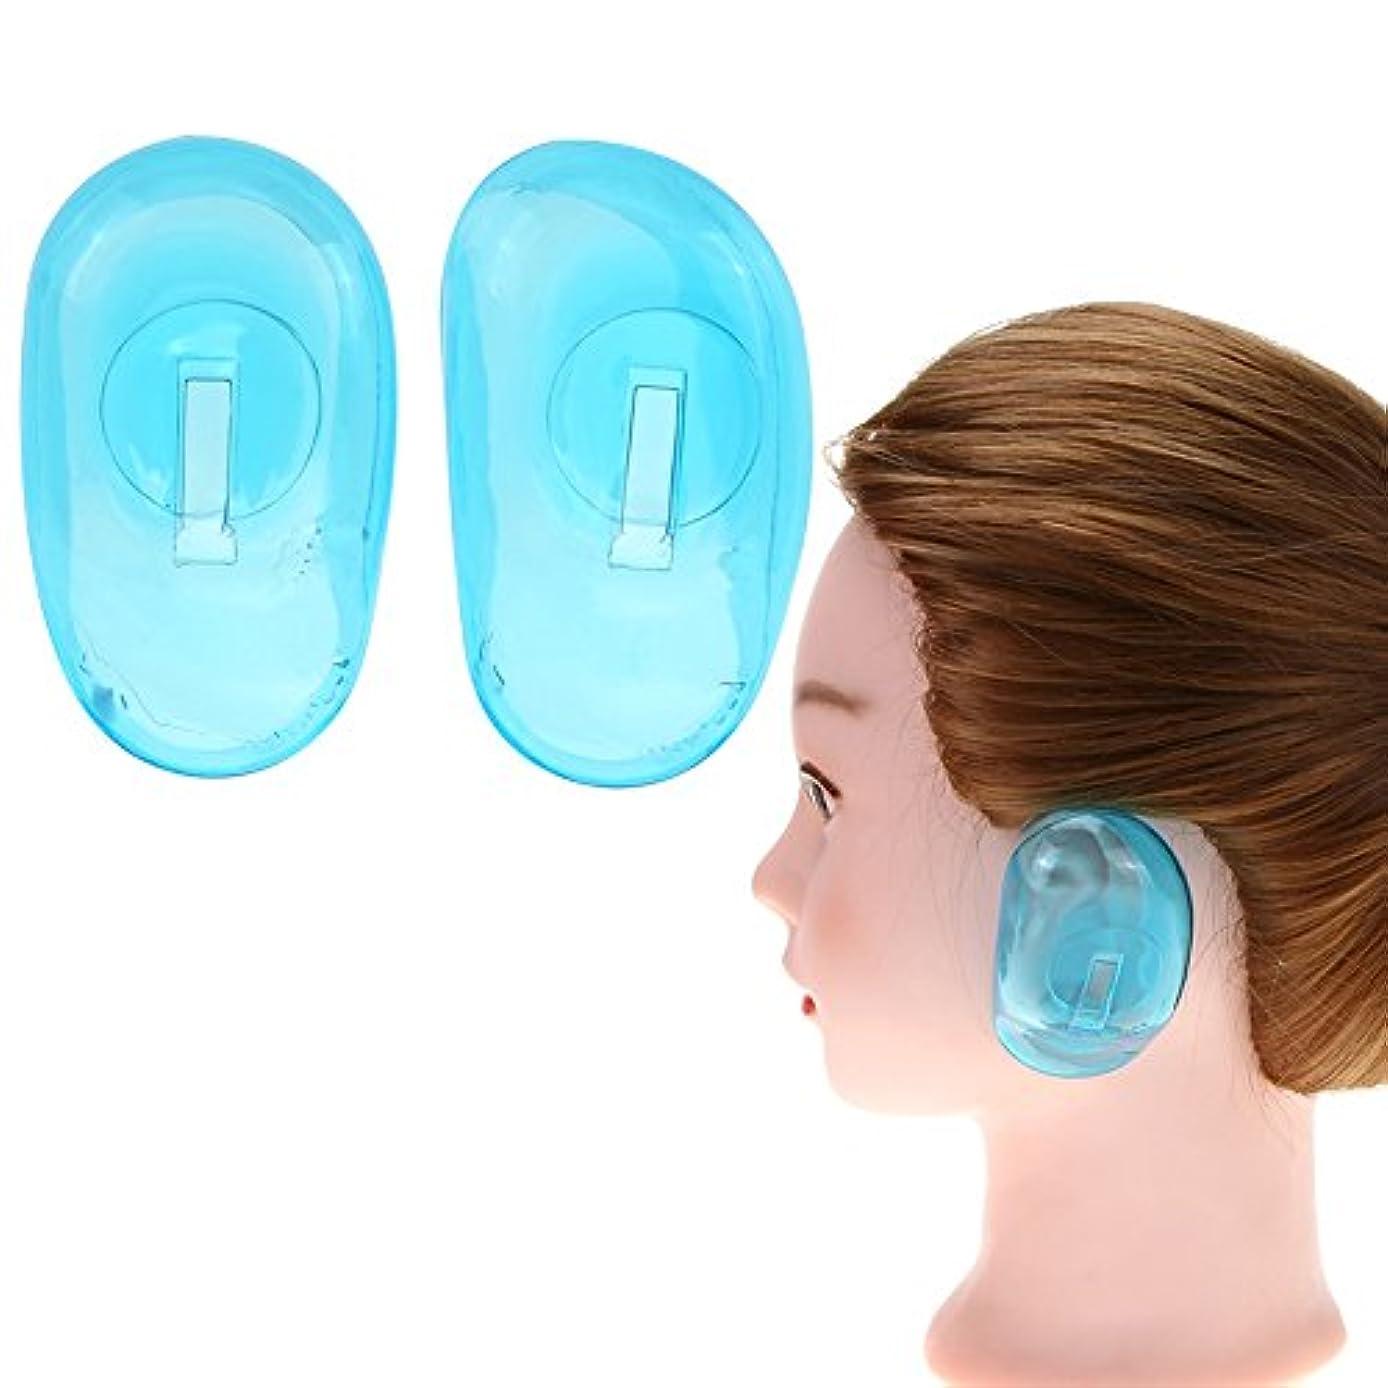 著作権寺院不快Ruier-tong 5ペア耳カバー 毛染め用 シリコン製 耳キャップ 柔らかいイヤーキャップ ヘアカラー シャワー 耳保護 ヘアケアツール サロン 洗える 繰り返す使用可能 エコ 8.5x5cm